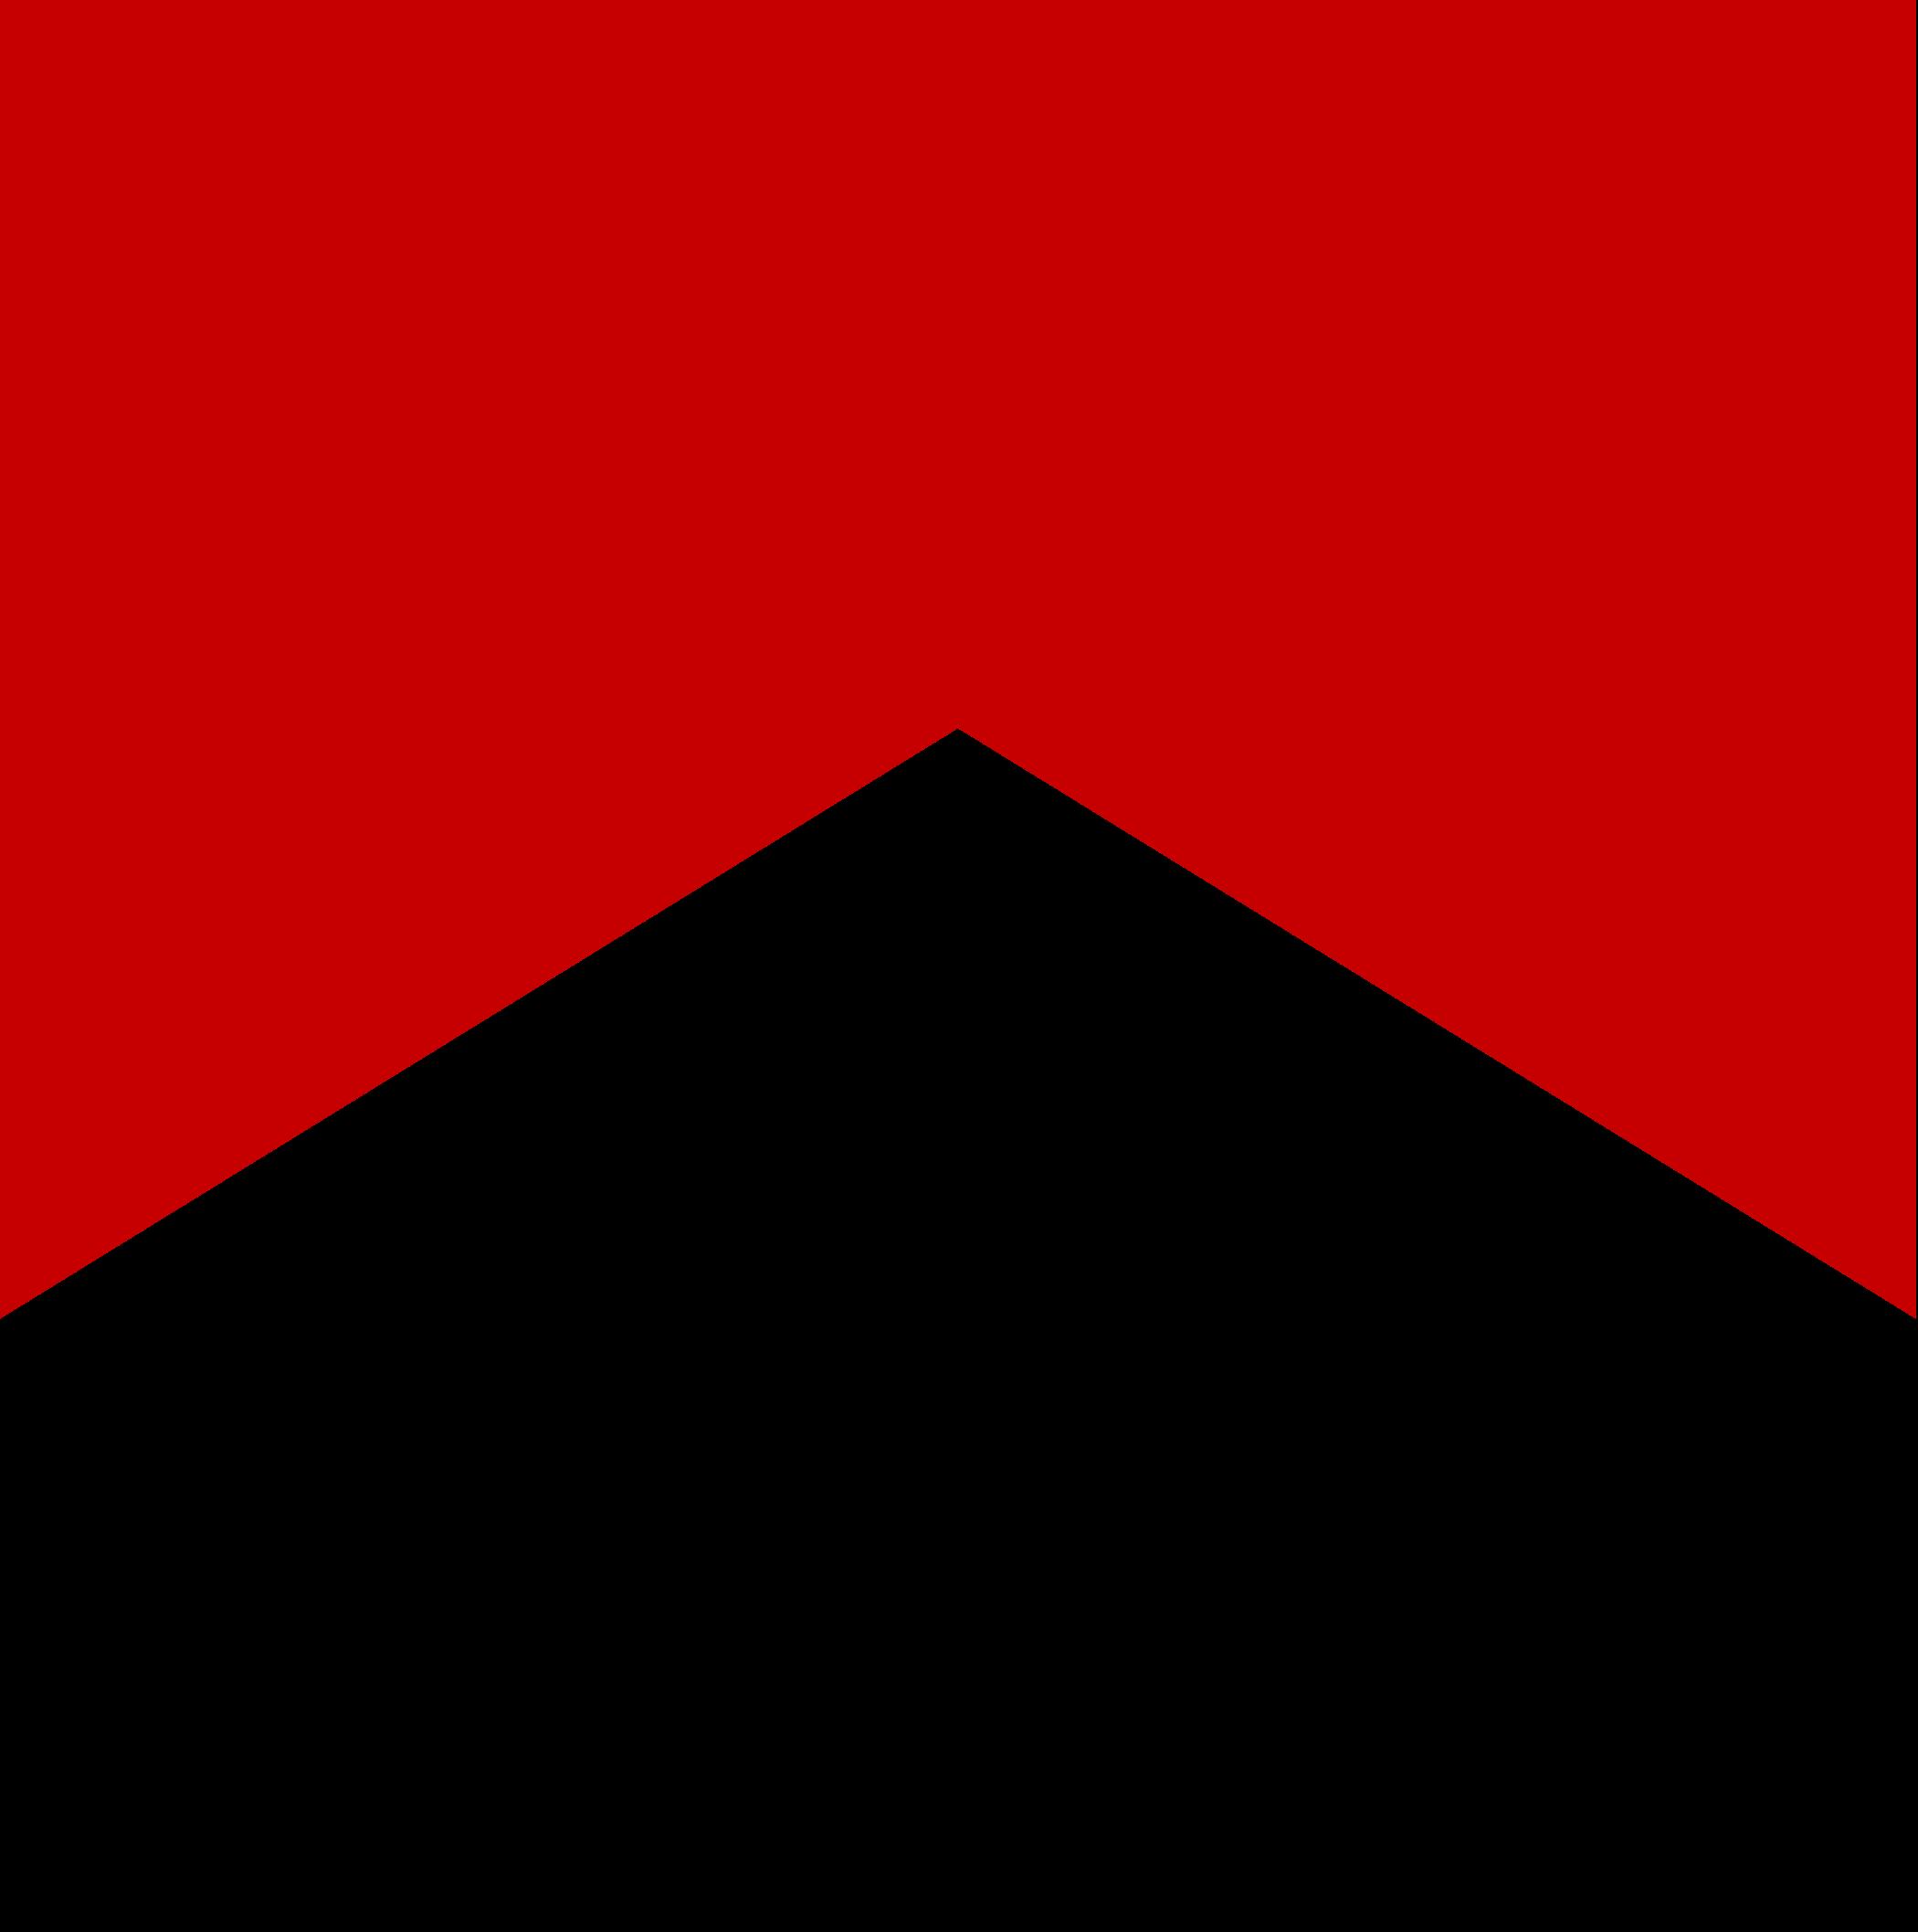 marlboro logo 1 - Marlboro Logo